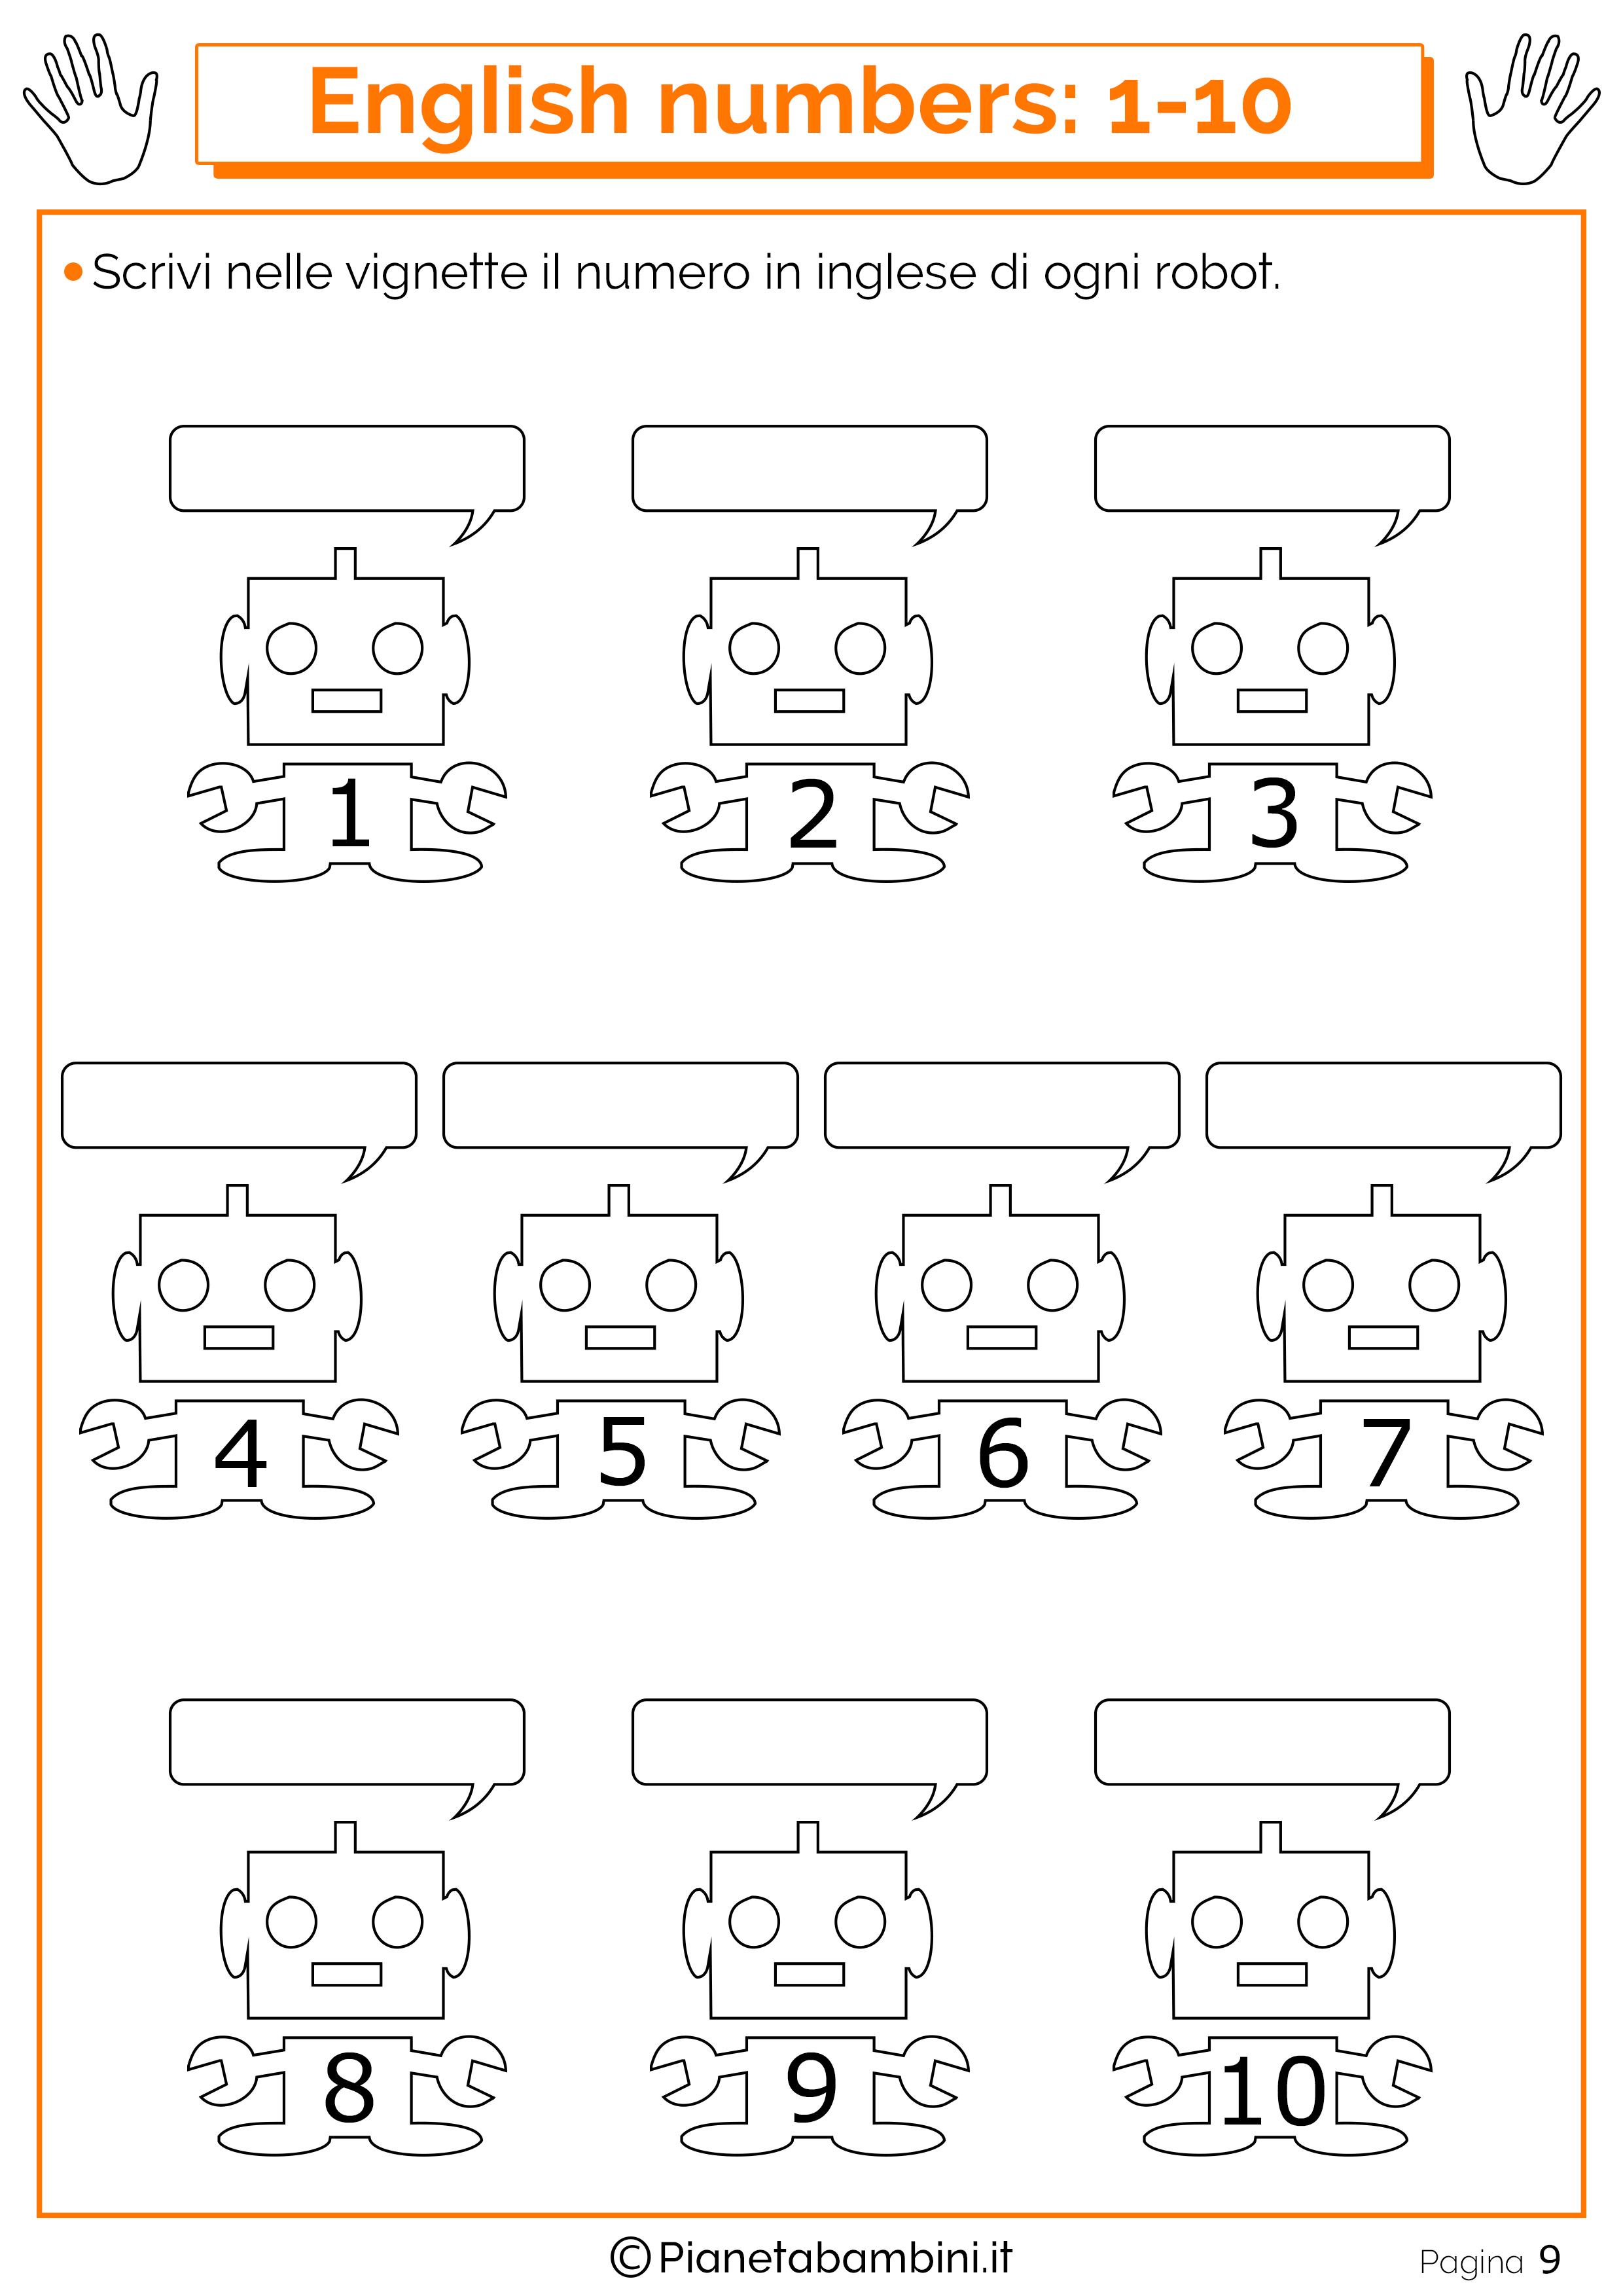 Schede Sui Numeri In Inglese Da 1 A 20 Per Bambini Da Stampare